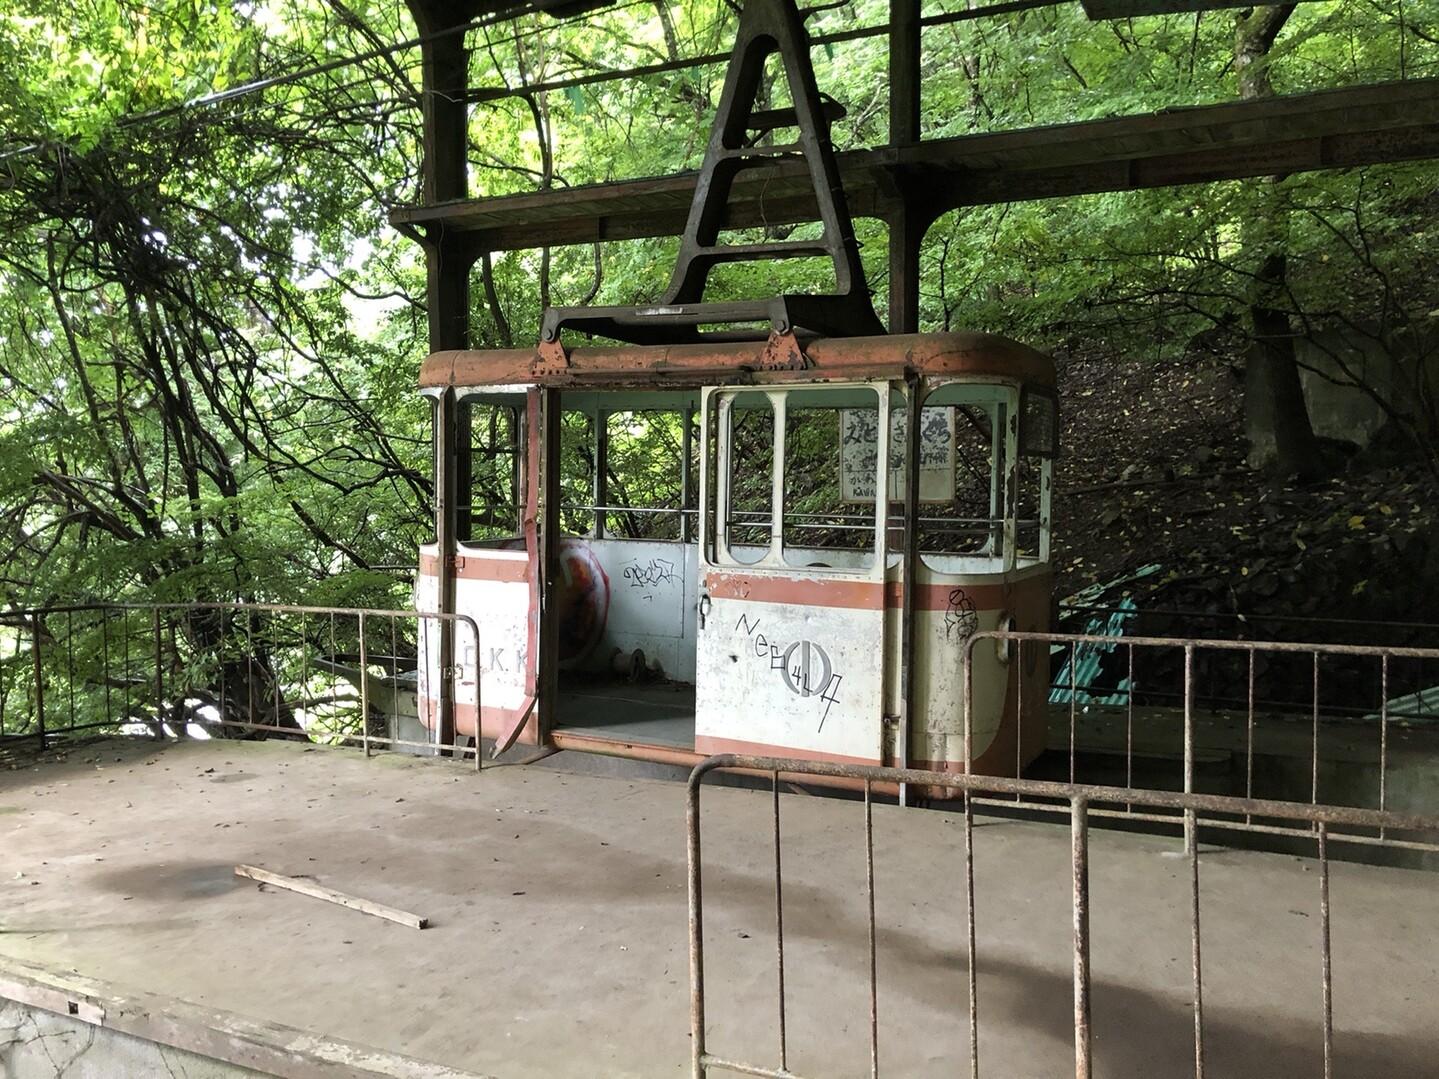 ジャーン、三頭山の廃ロープウェイ乗り場🚡<br> 廃墟マニアじゃないけど、興奮するねこれは!